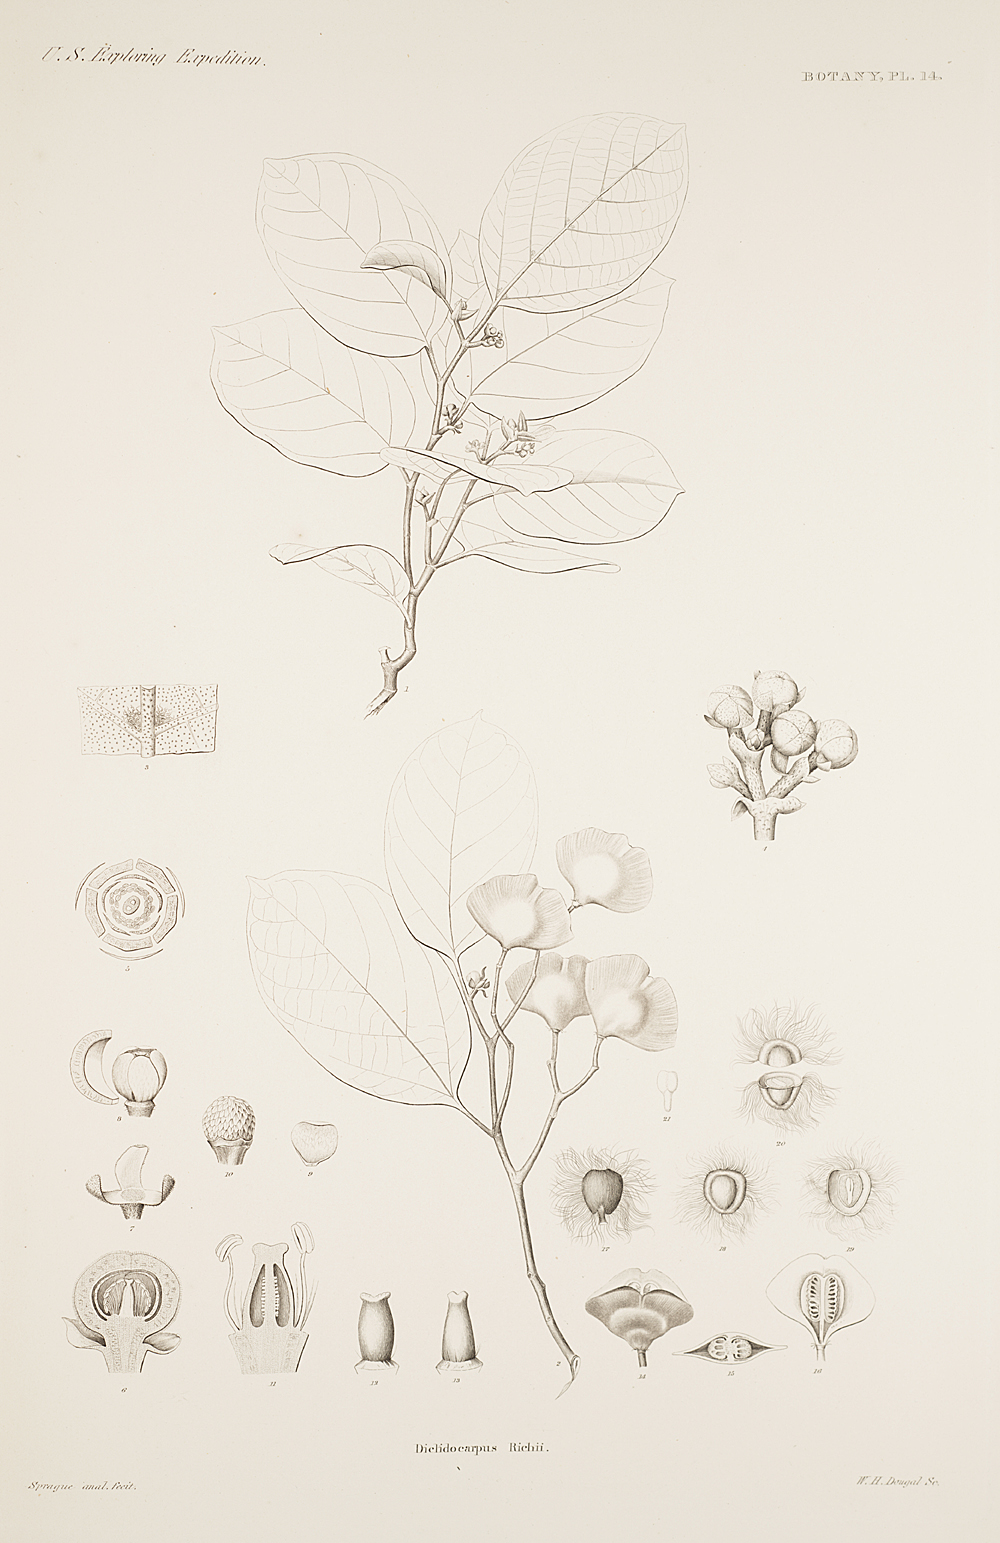 Botany, Pl. 14,  Image number:sil19-23-039b